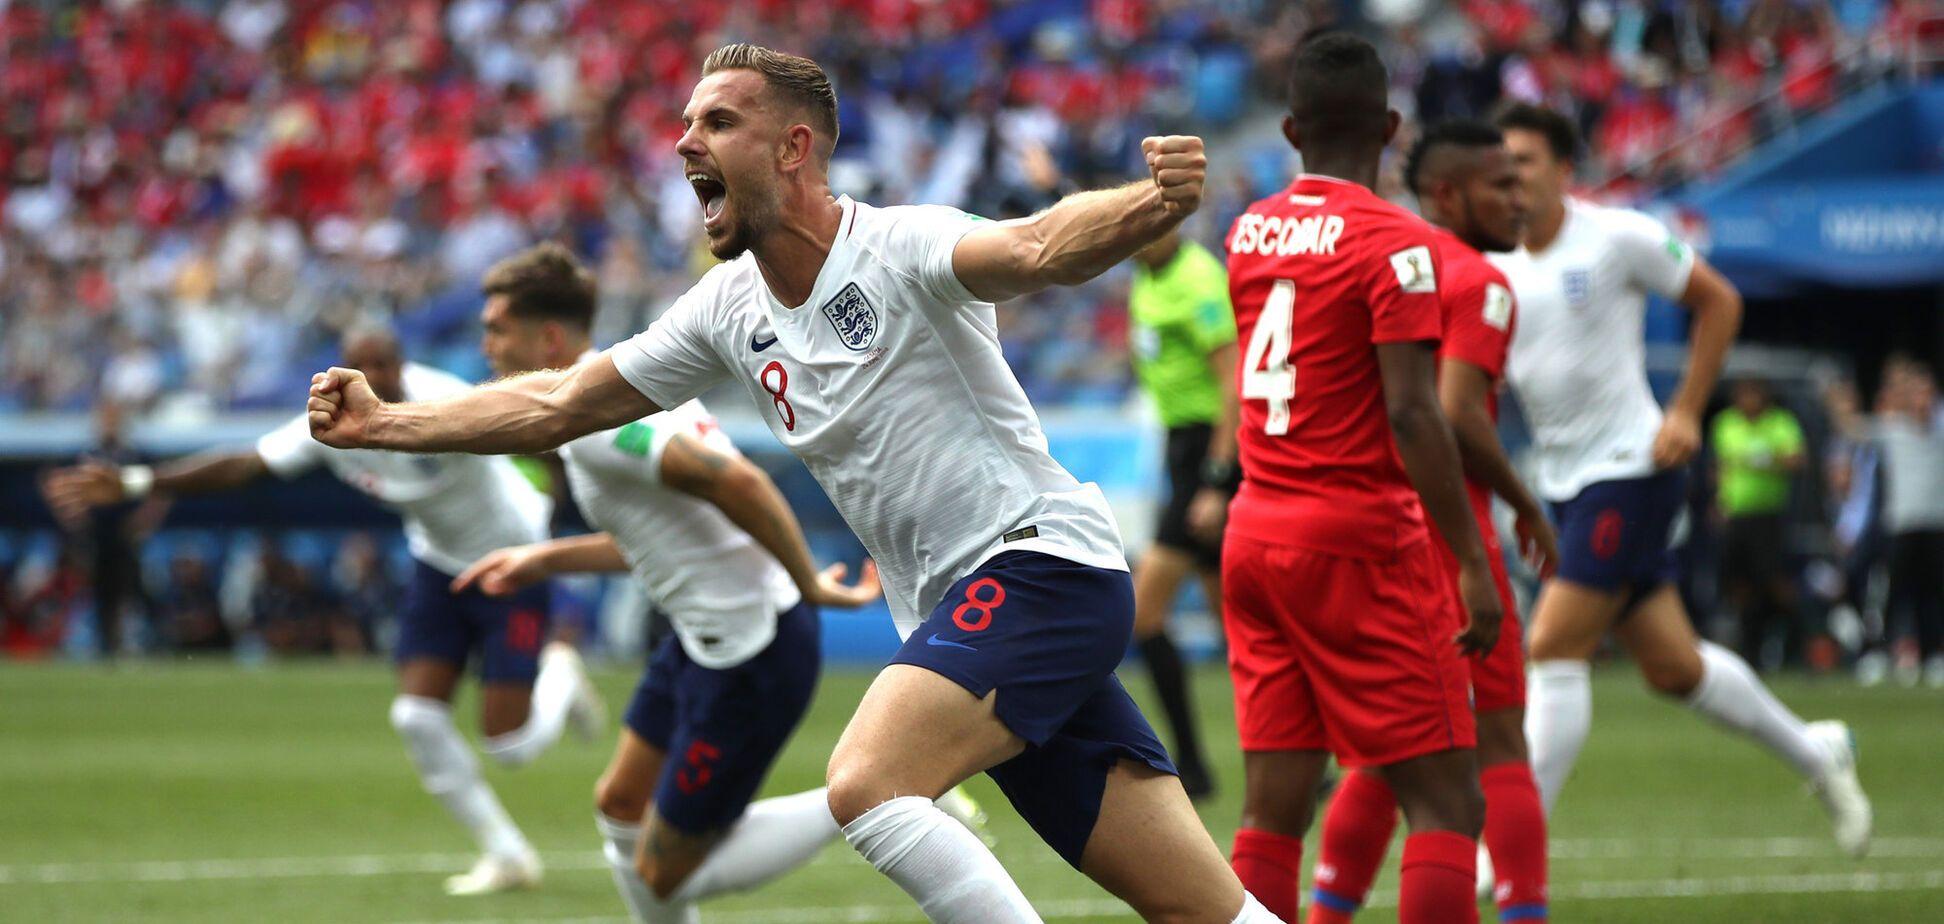 Колумбия – Англия: прогноз на матч 1/8 финала ЧМ-2018